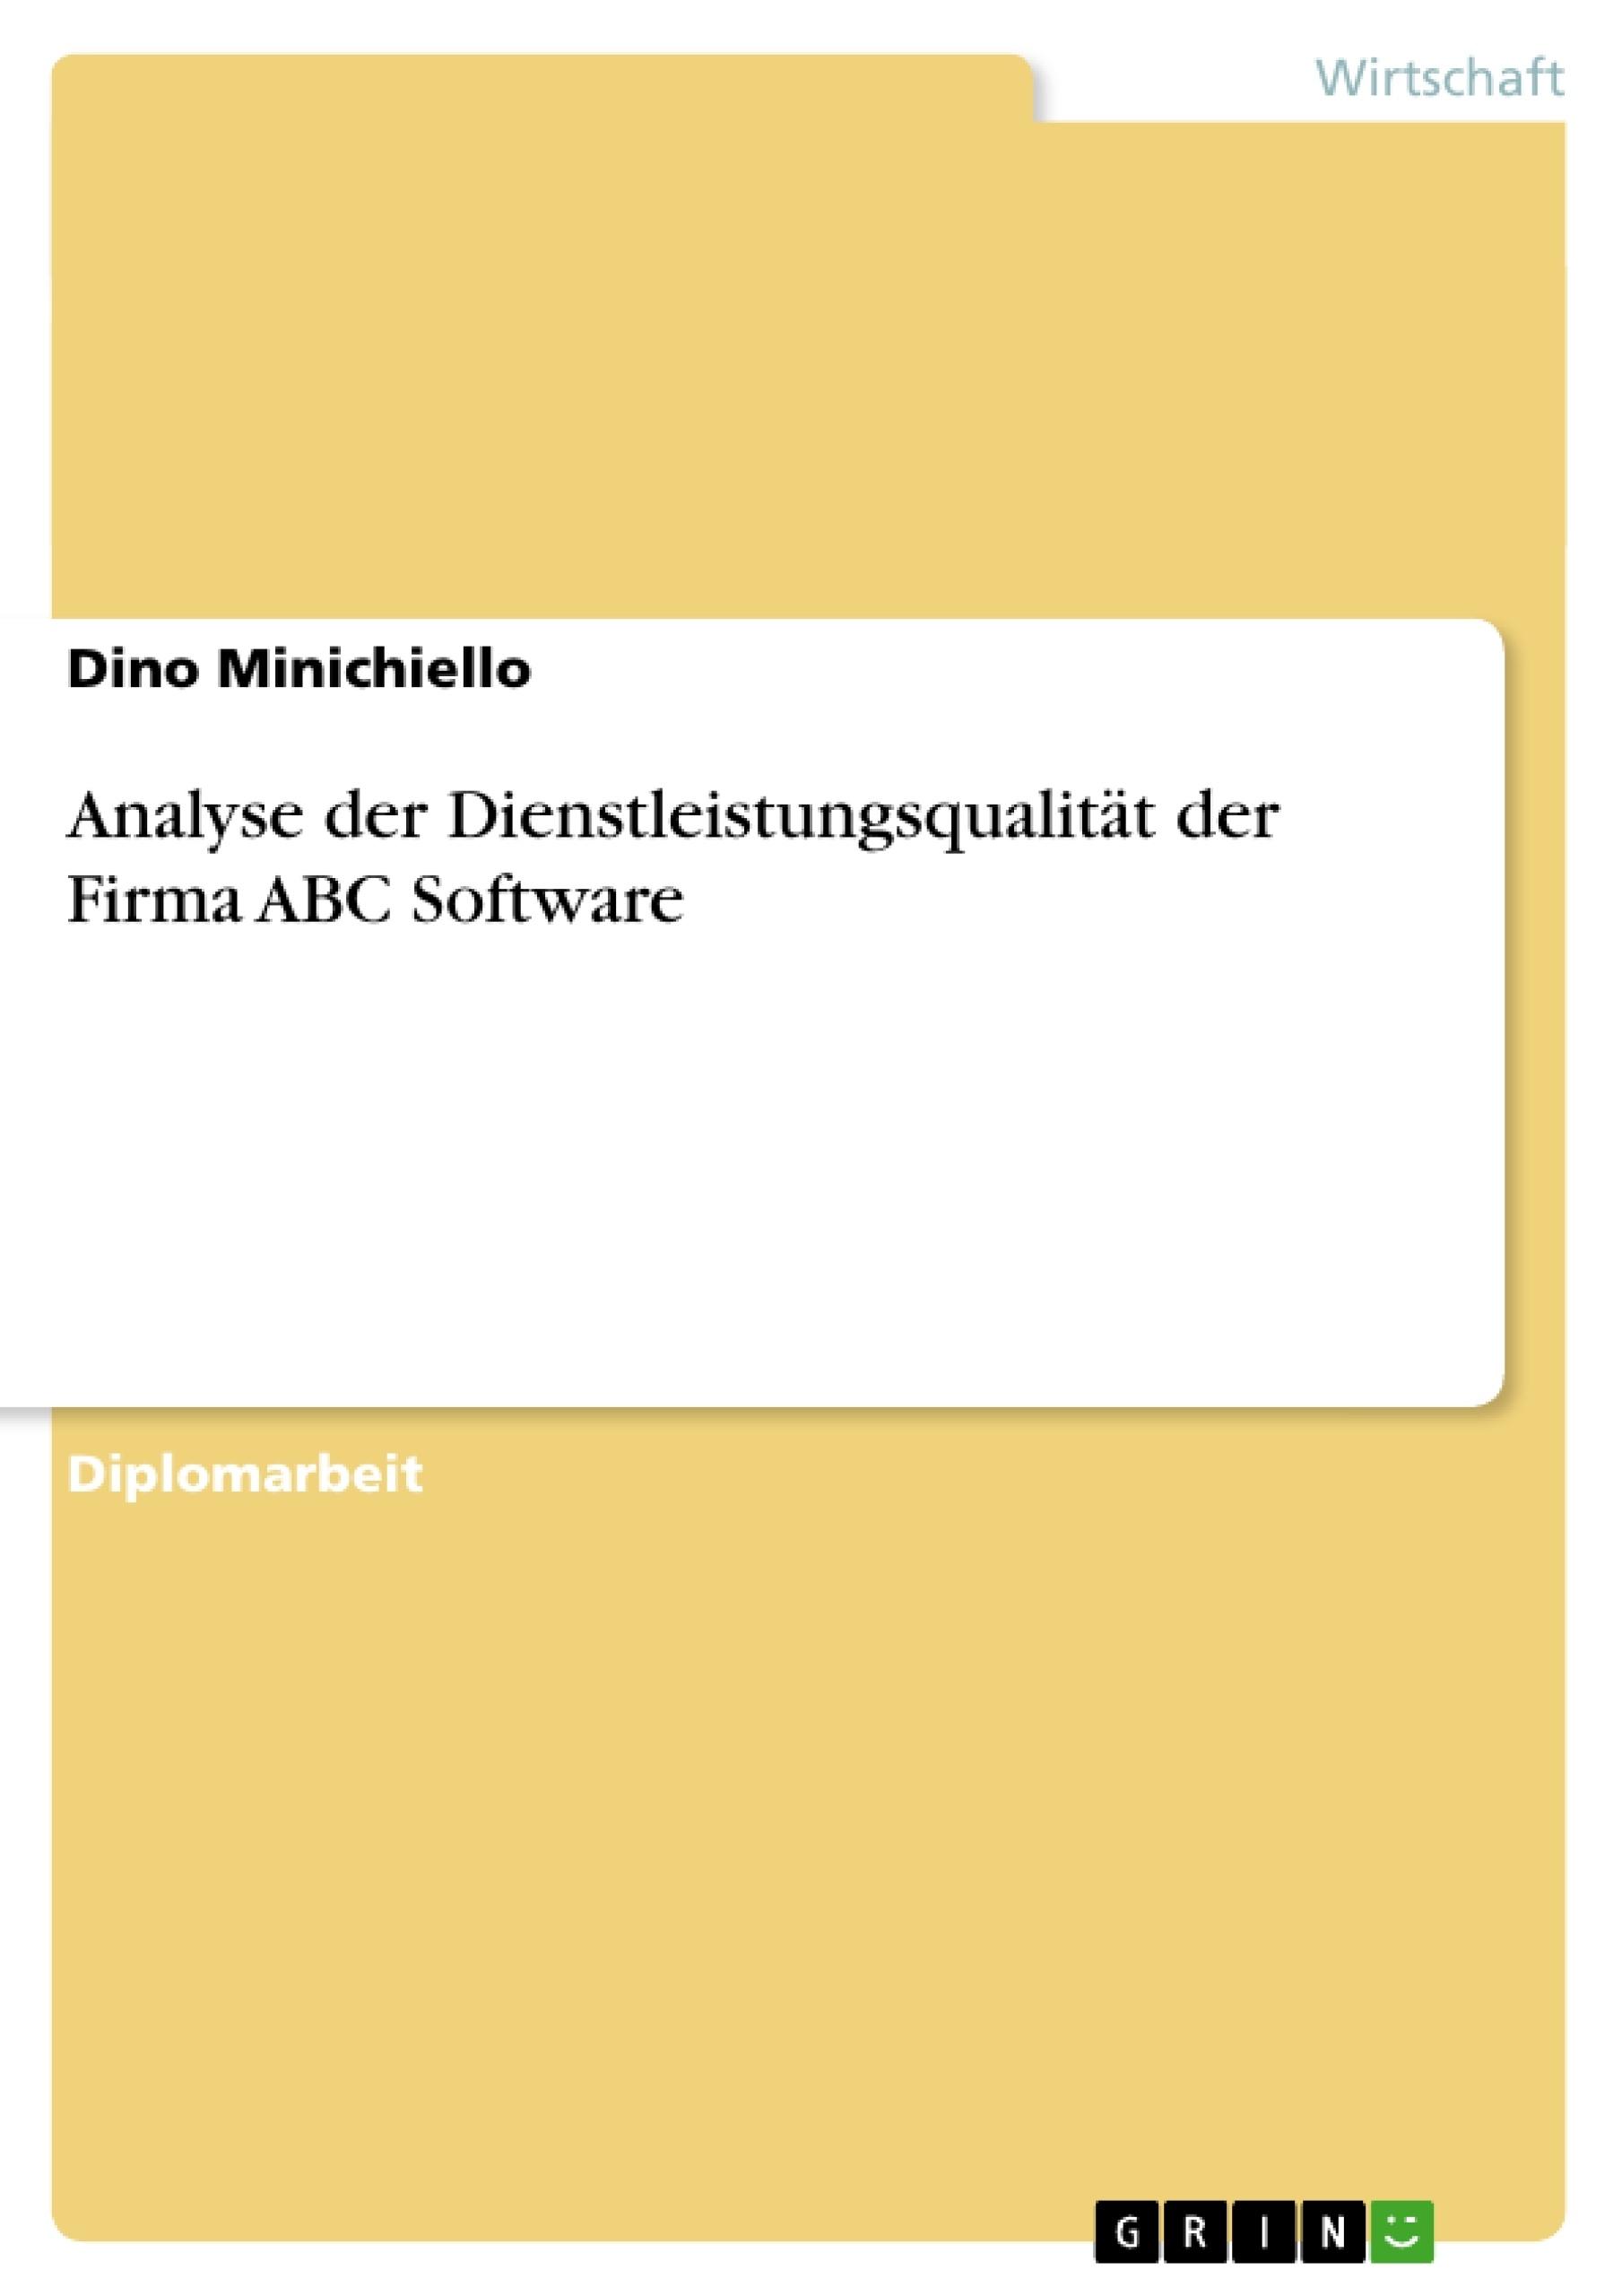 Titel: Analyse der Dienstleistungsqualität der Firma ABC Software